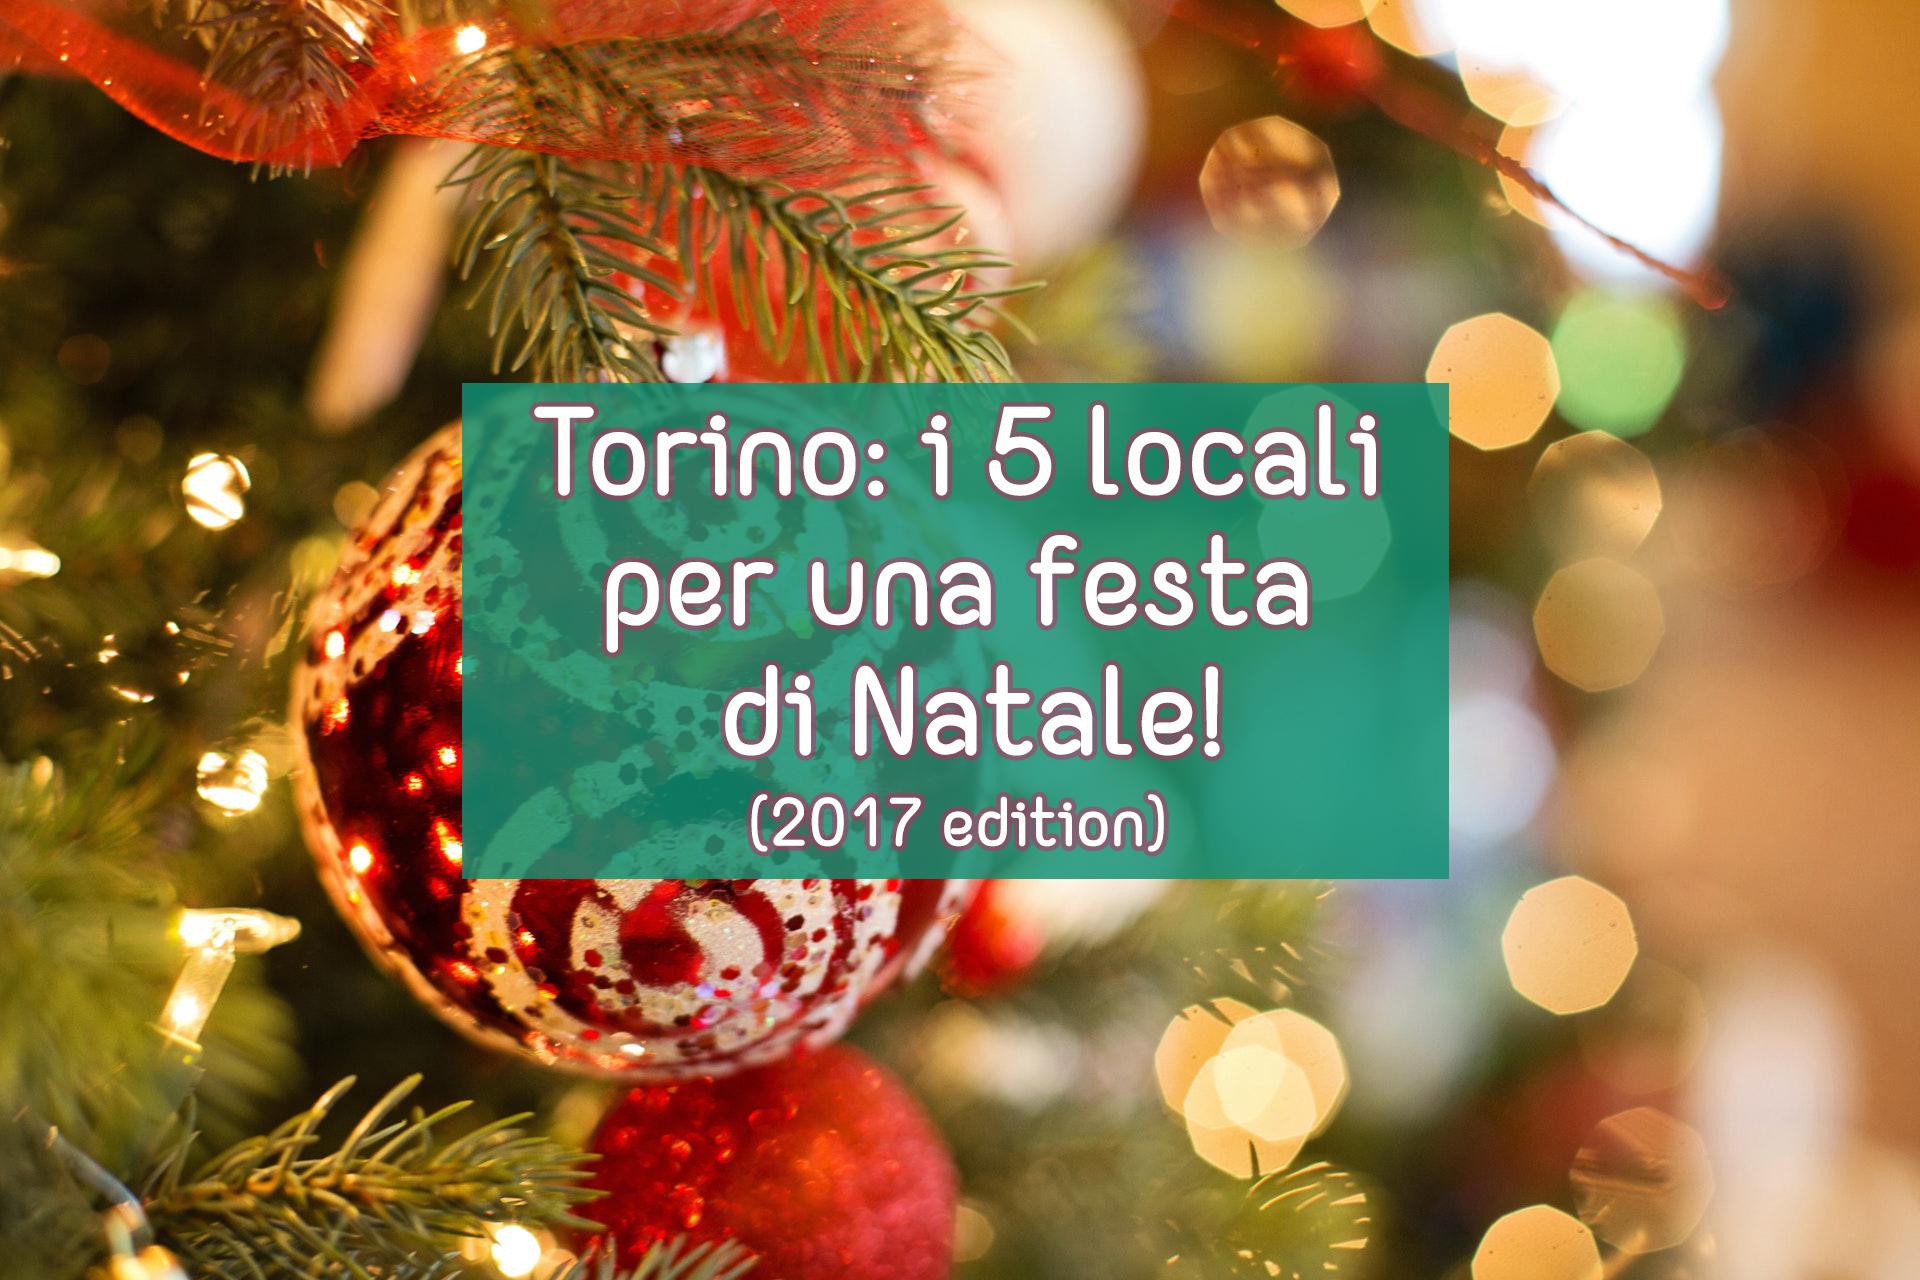 torino: i 5 locali dove festeggiare il natale (2017 edition)